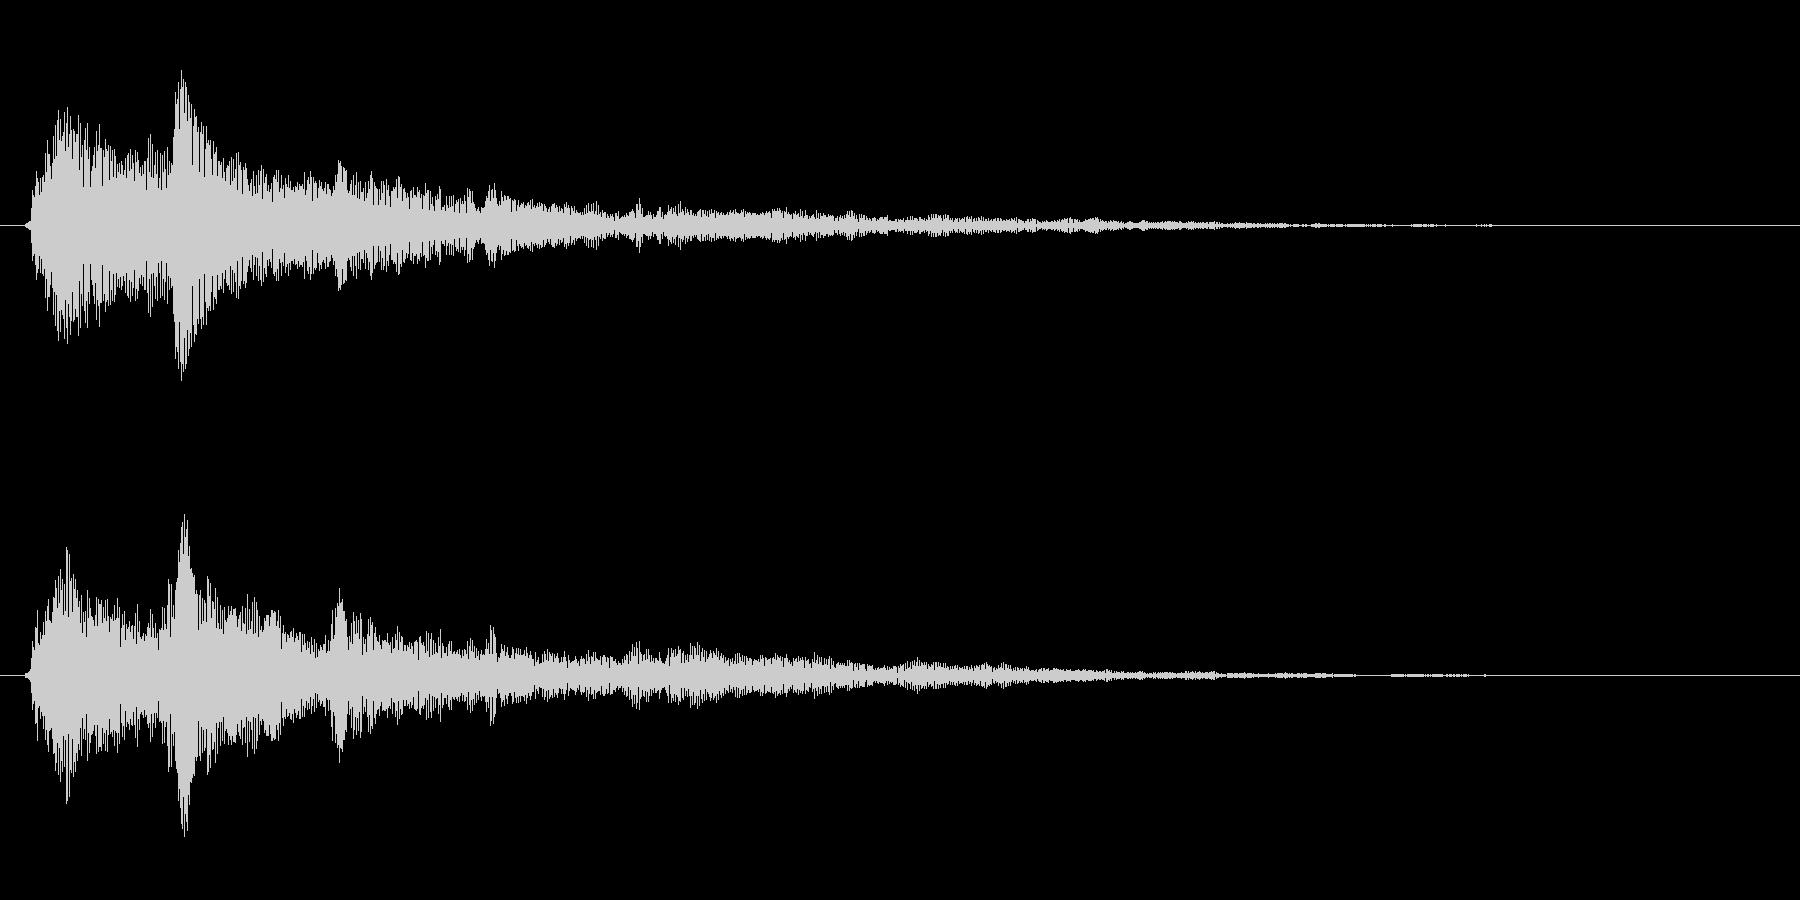 金属系バネ入りのクリック音(1音)の未再生の波形